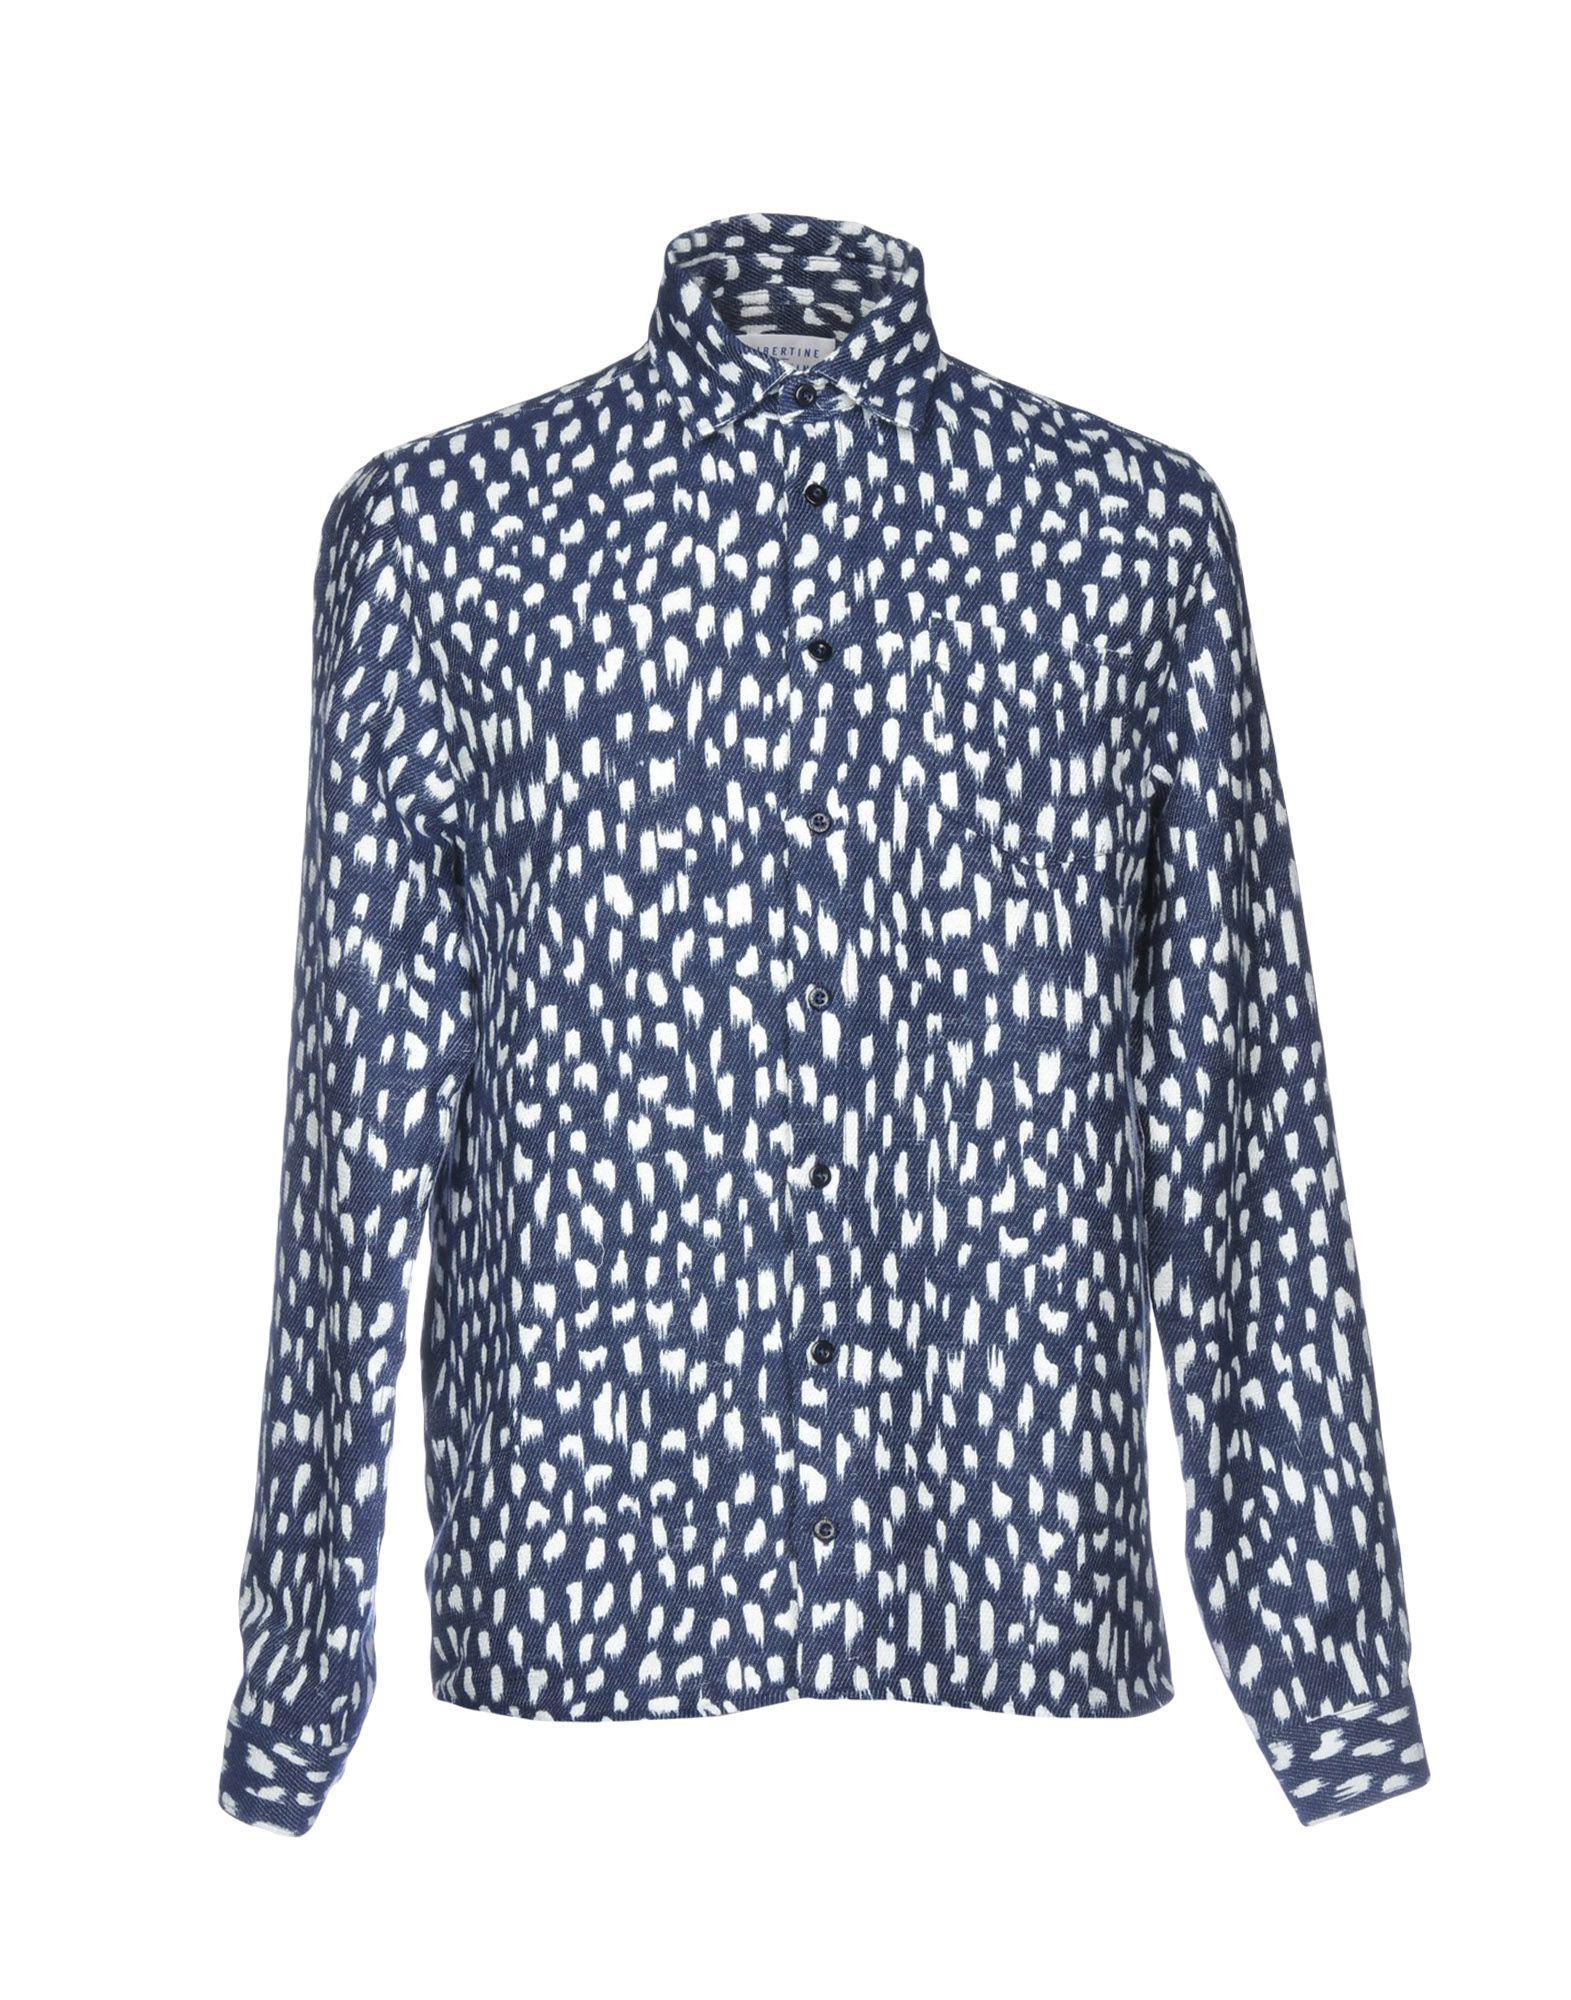 《セール開催中》LIBERTINE-LIBERTINE メンズ シャツ ダークブルー L コットン 79% / ポリエステル 21%